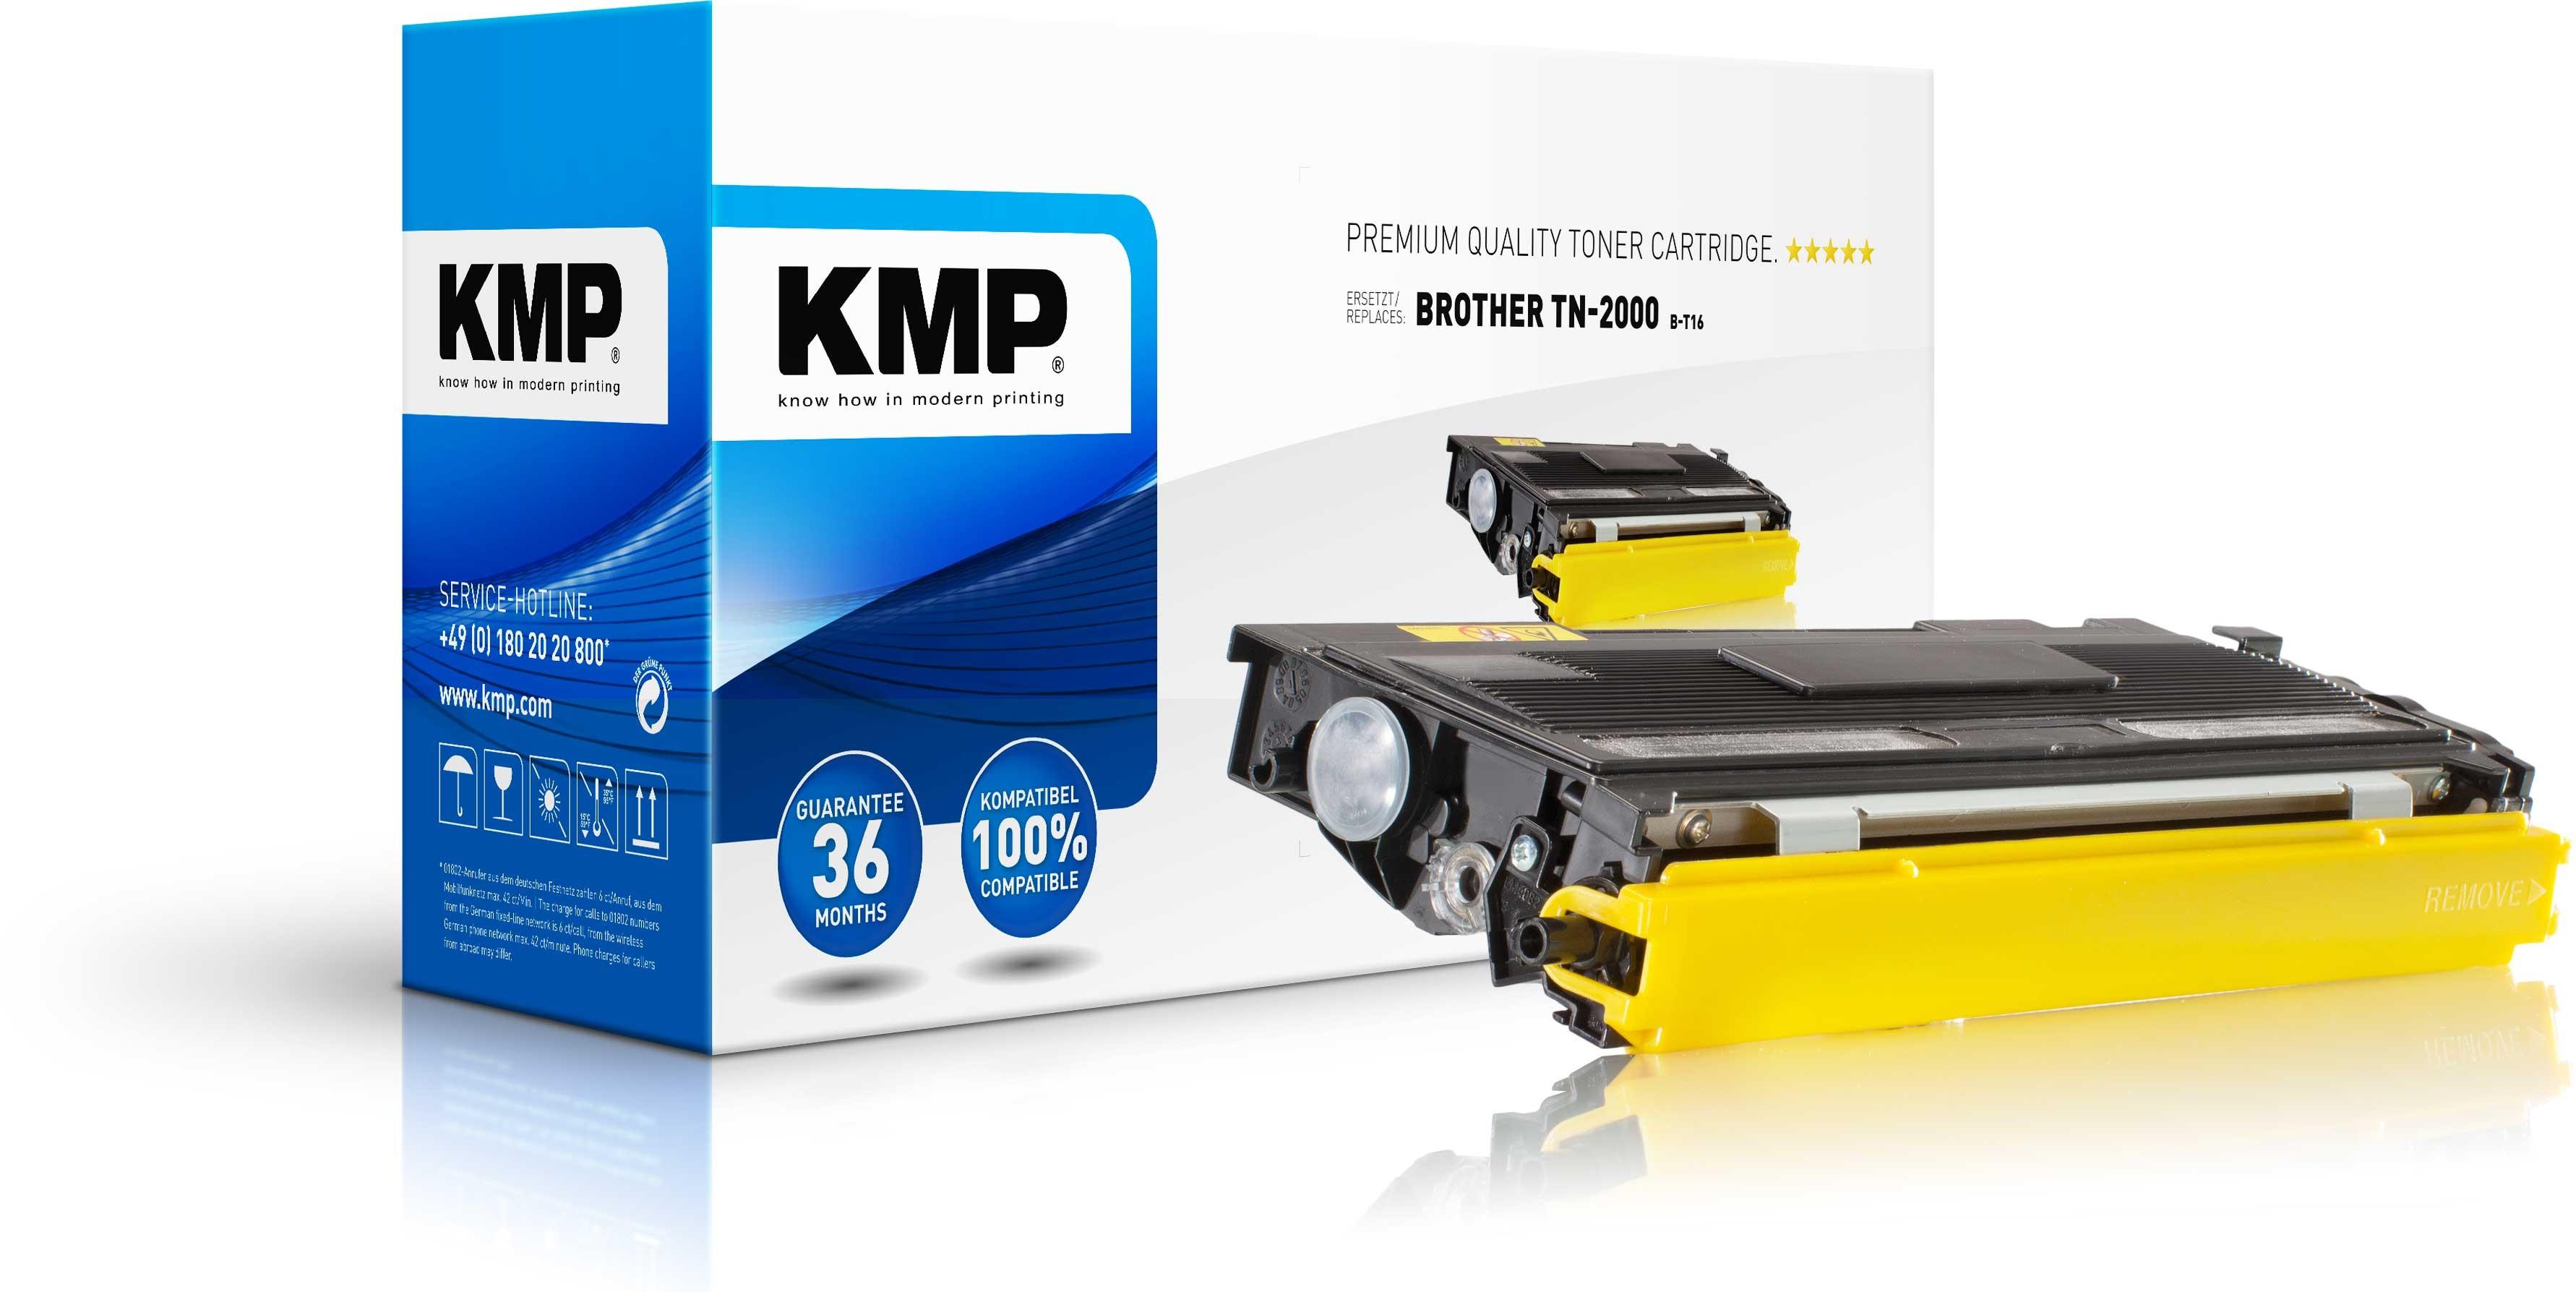 Vorschau: KMP Toner für Brother TN-2000 HL 2030 2040 2070N Fax 2820 XXL